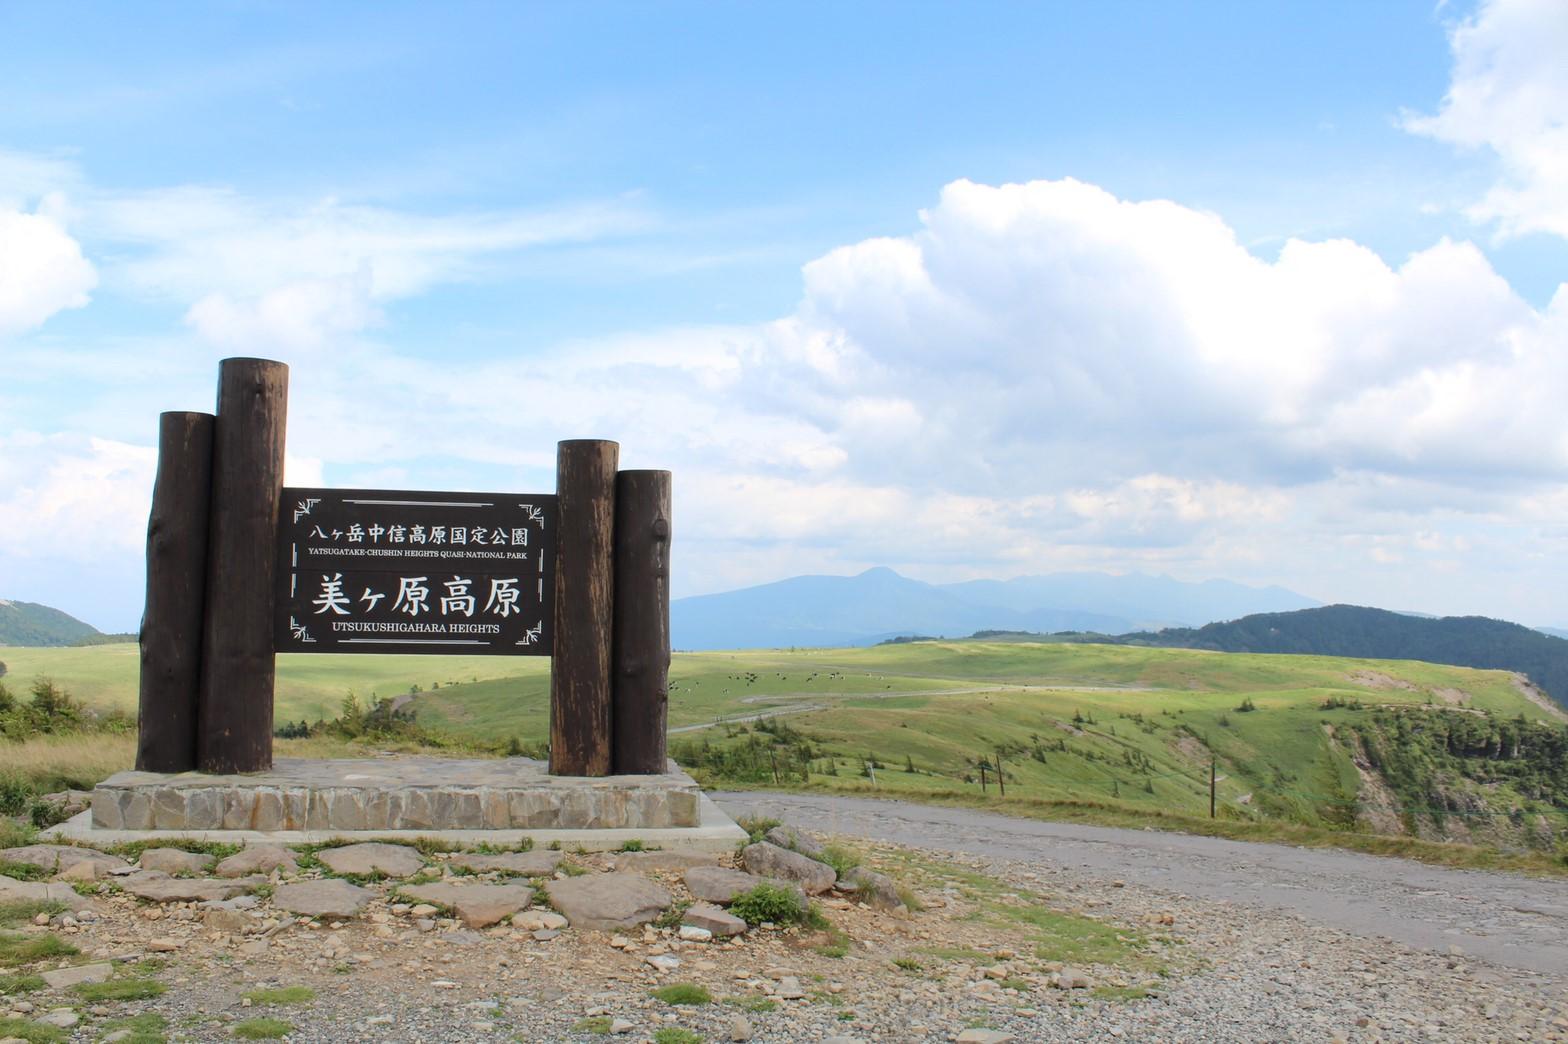 美ヶ原高原。歩いてきたコースを一望できます。